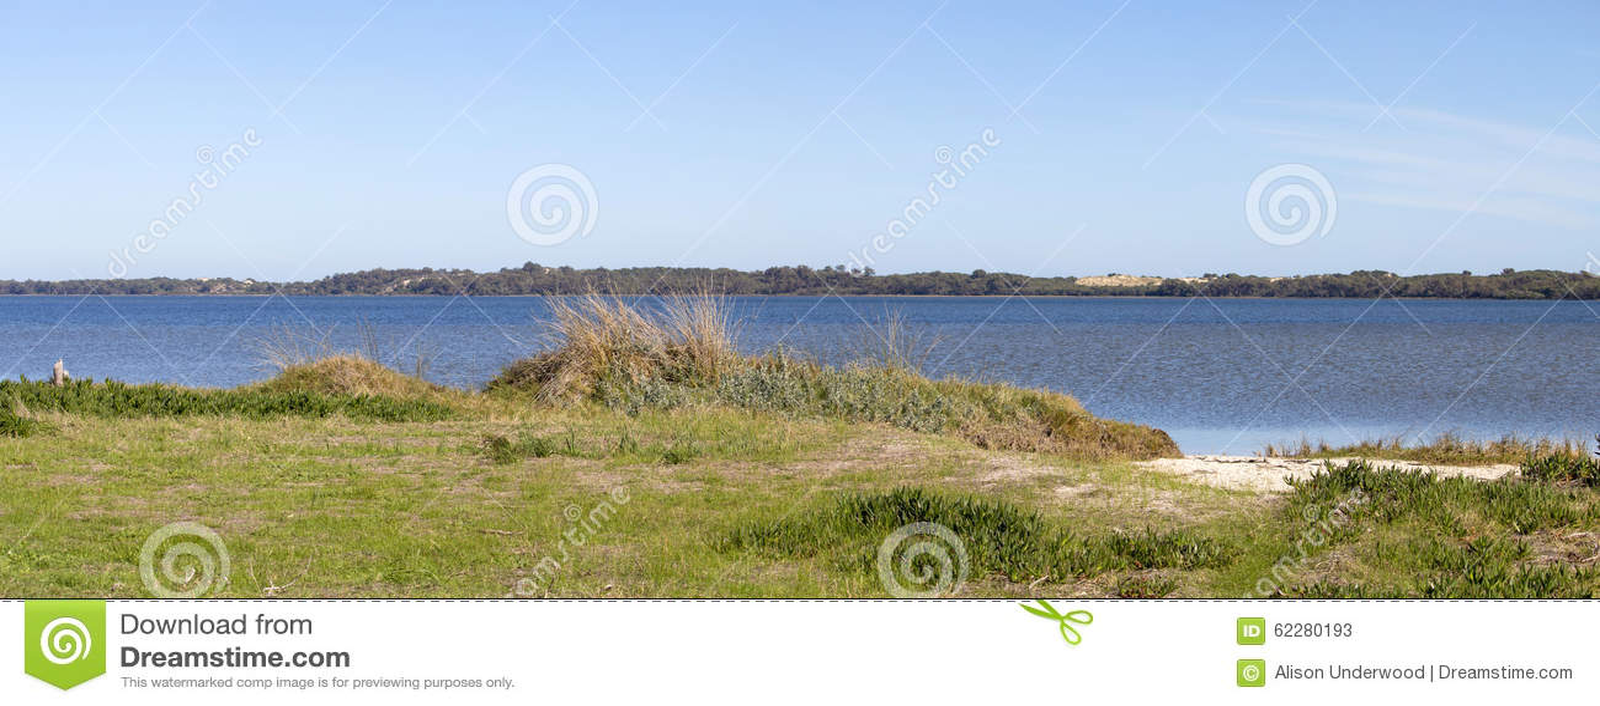 Panorama Escénico Del Walkpath A Lo Largo Del Estuario Bunbury ...